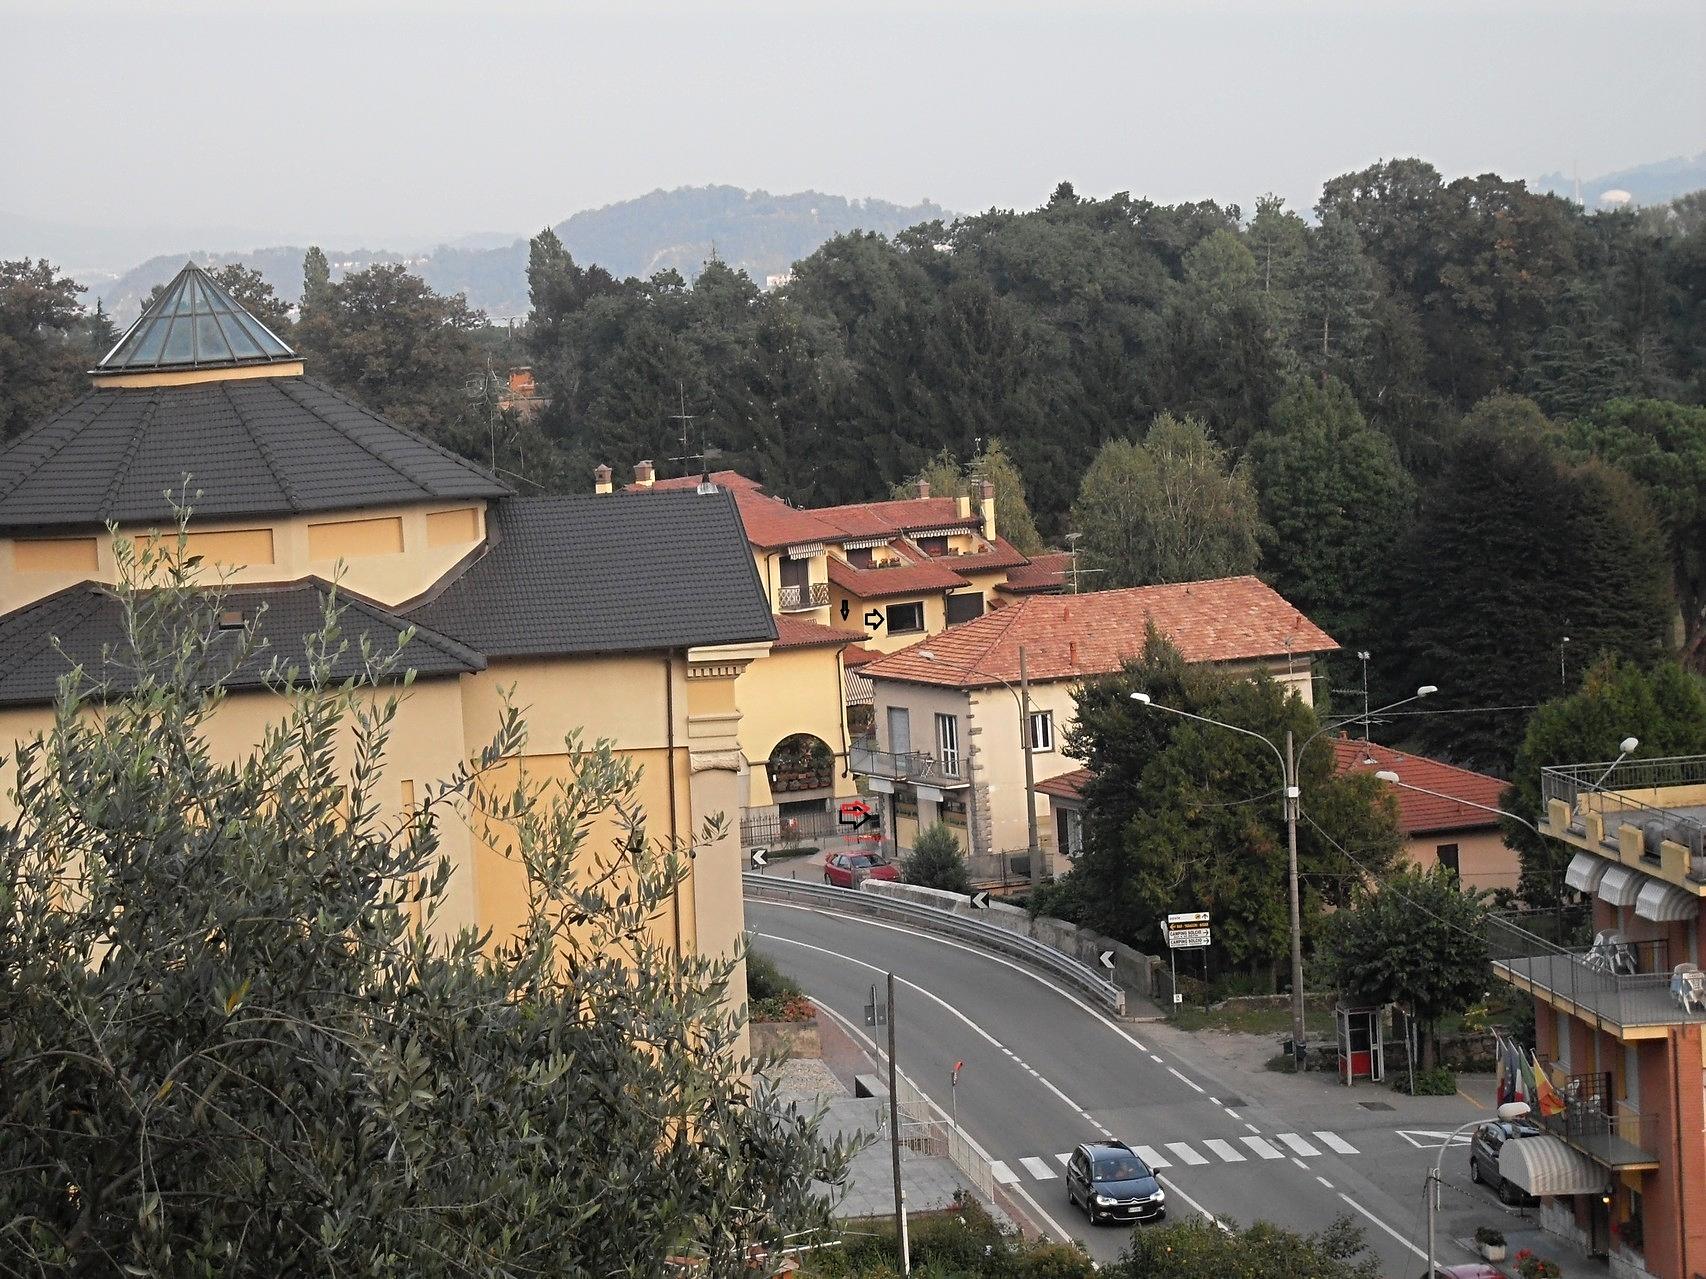 Solcio di LesaSolcio: Kirche, Minimarkt und Bushaltestelle 50 Meter von der Wohnung entfernt